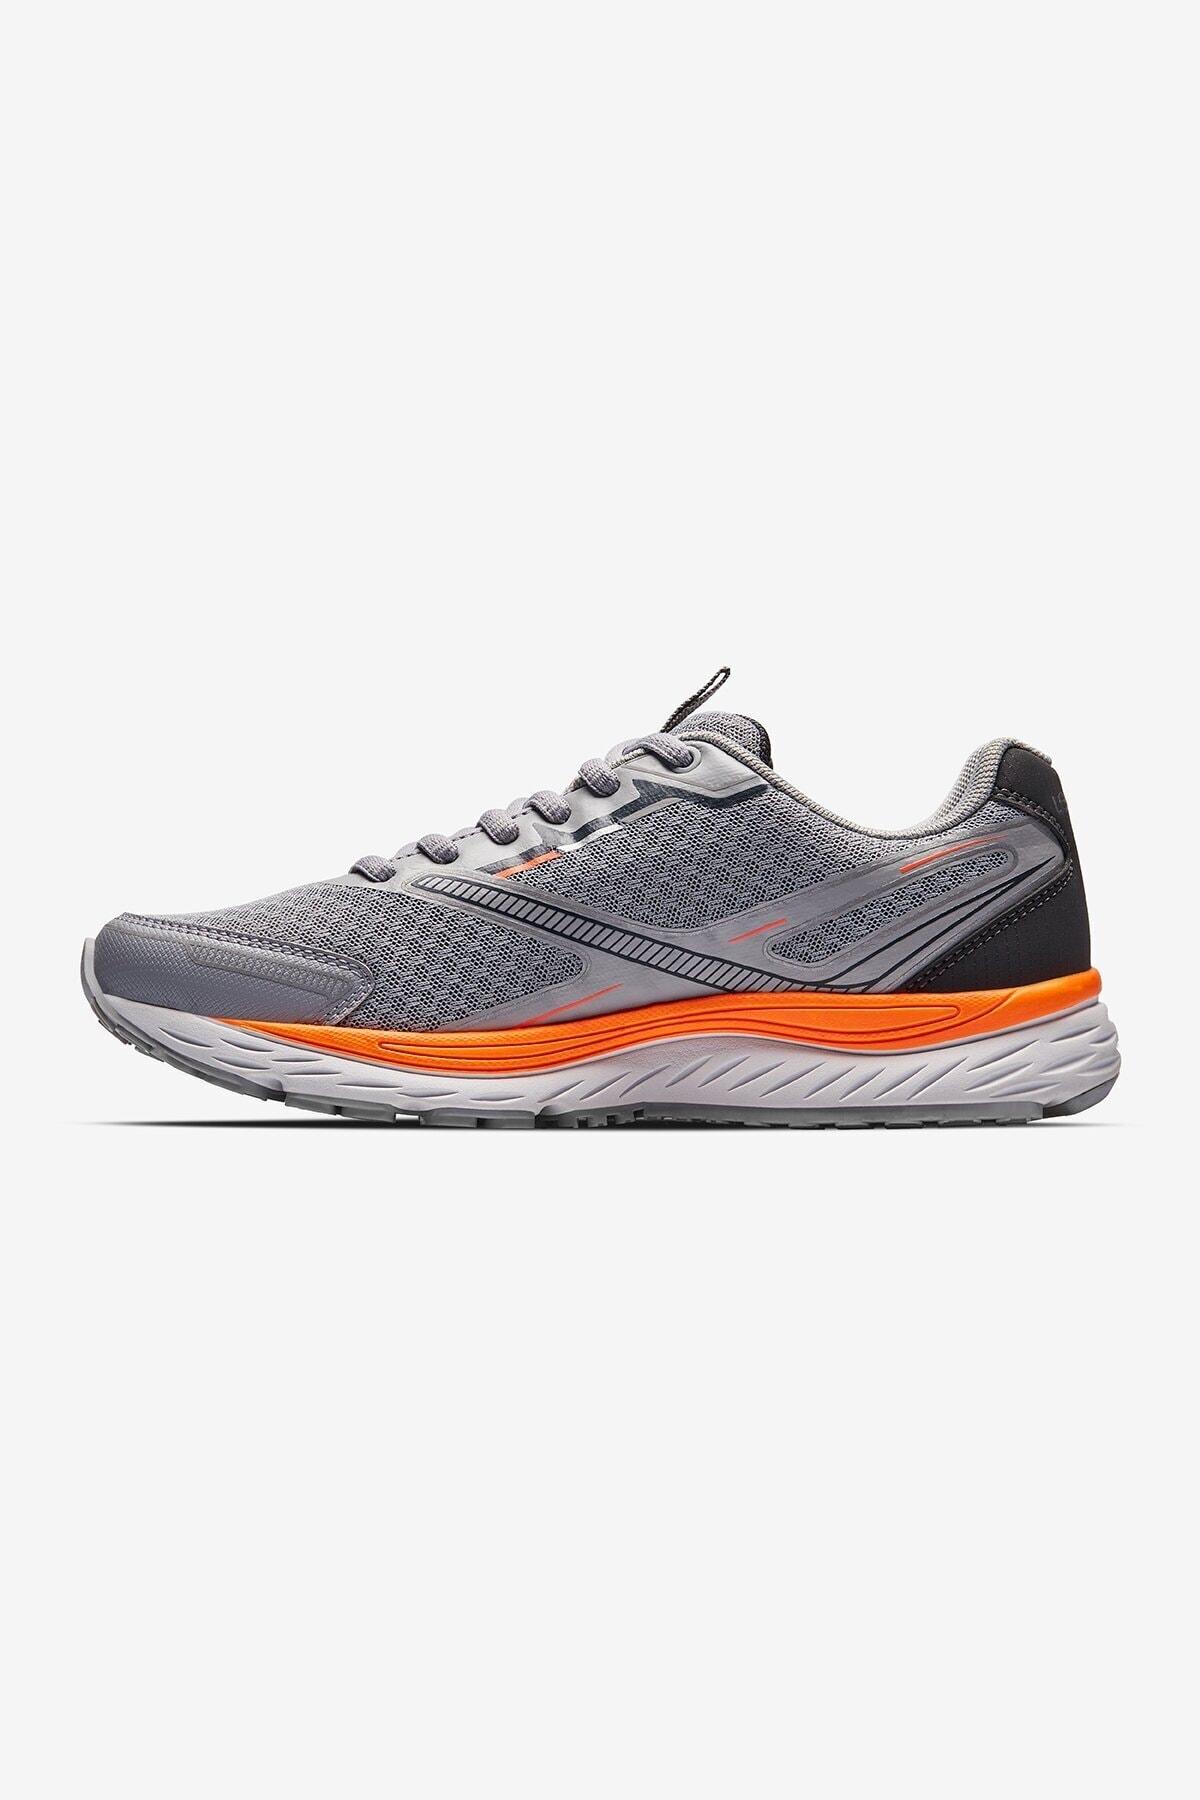 Lescon Kadın Gri Space Runner 2 Koşu Spor Ayakkabı 20nau00srnru